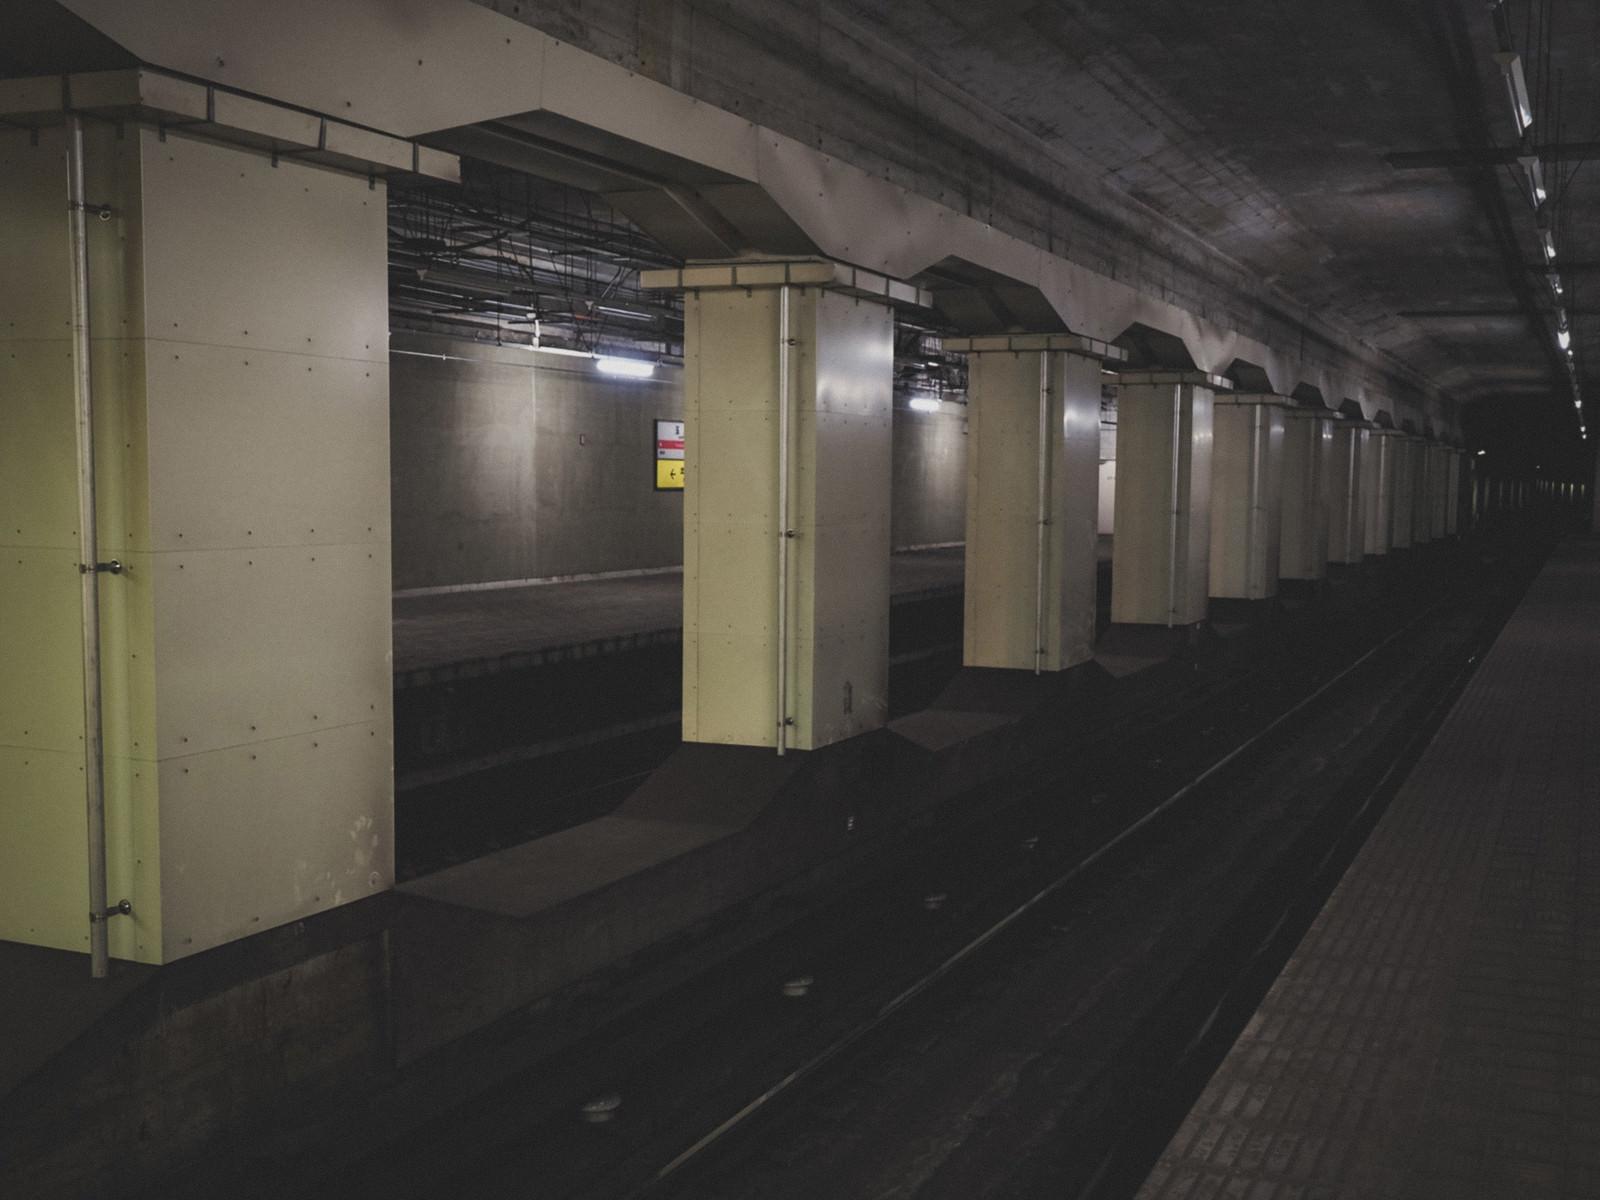 「地下鉄玉川駅の線路(大阪府)」の写真